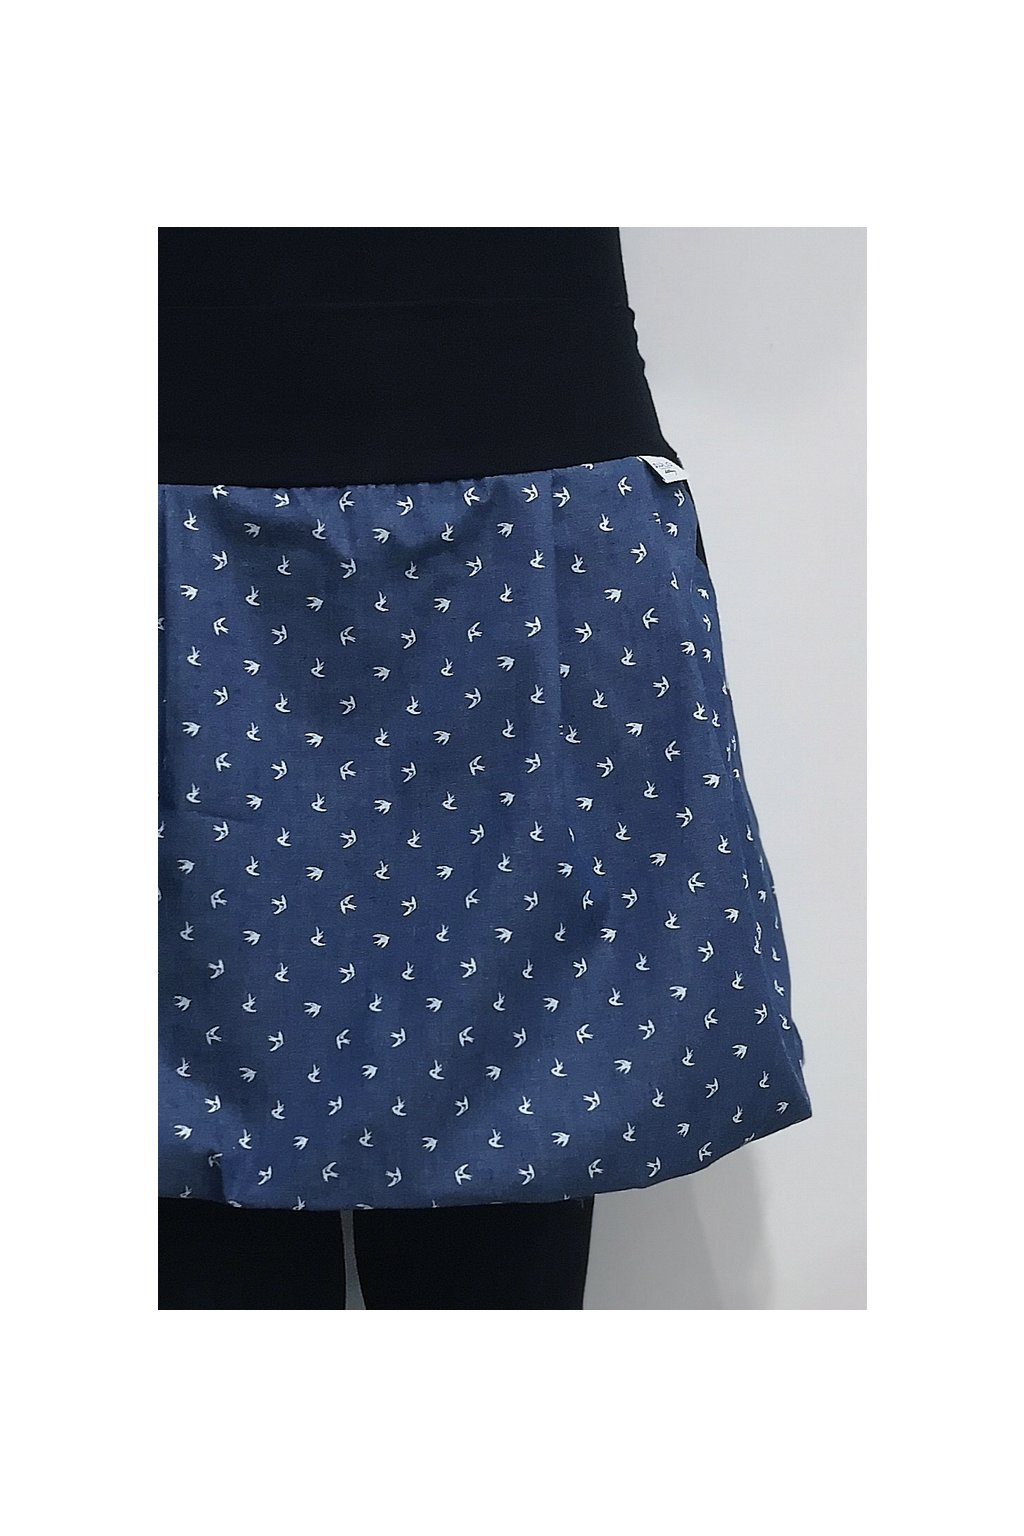 SKLADEM - balonová sukně Vlaštovky | denim